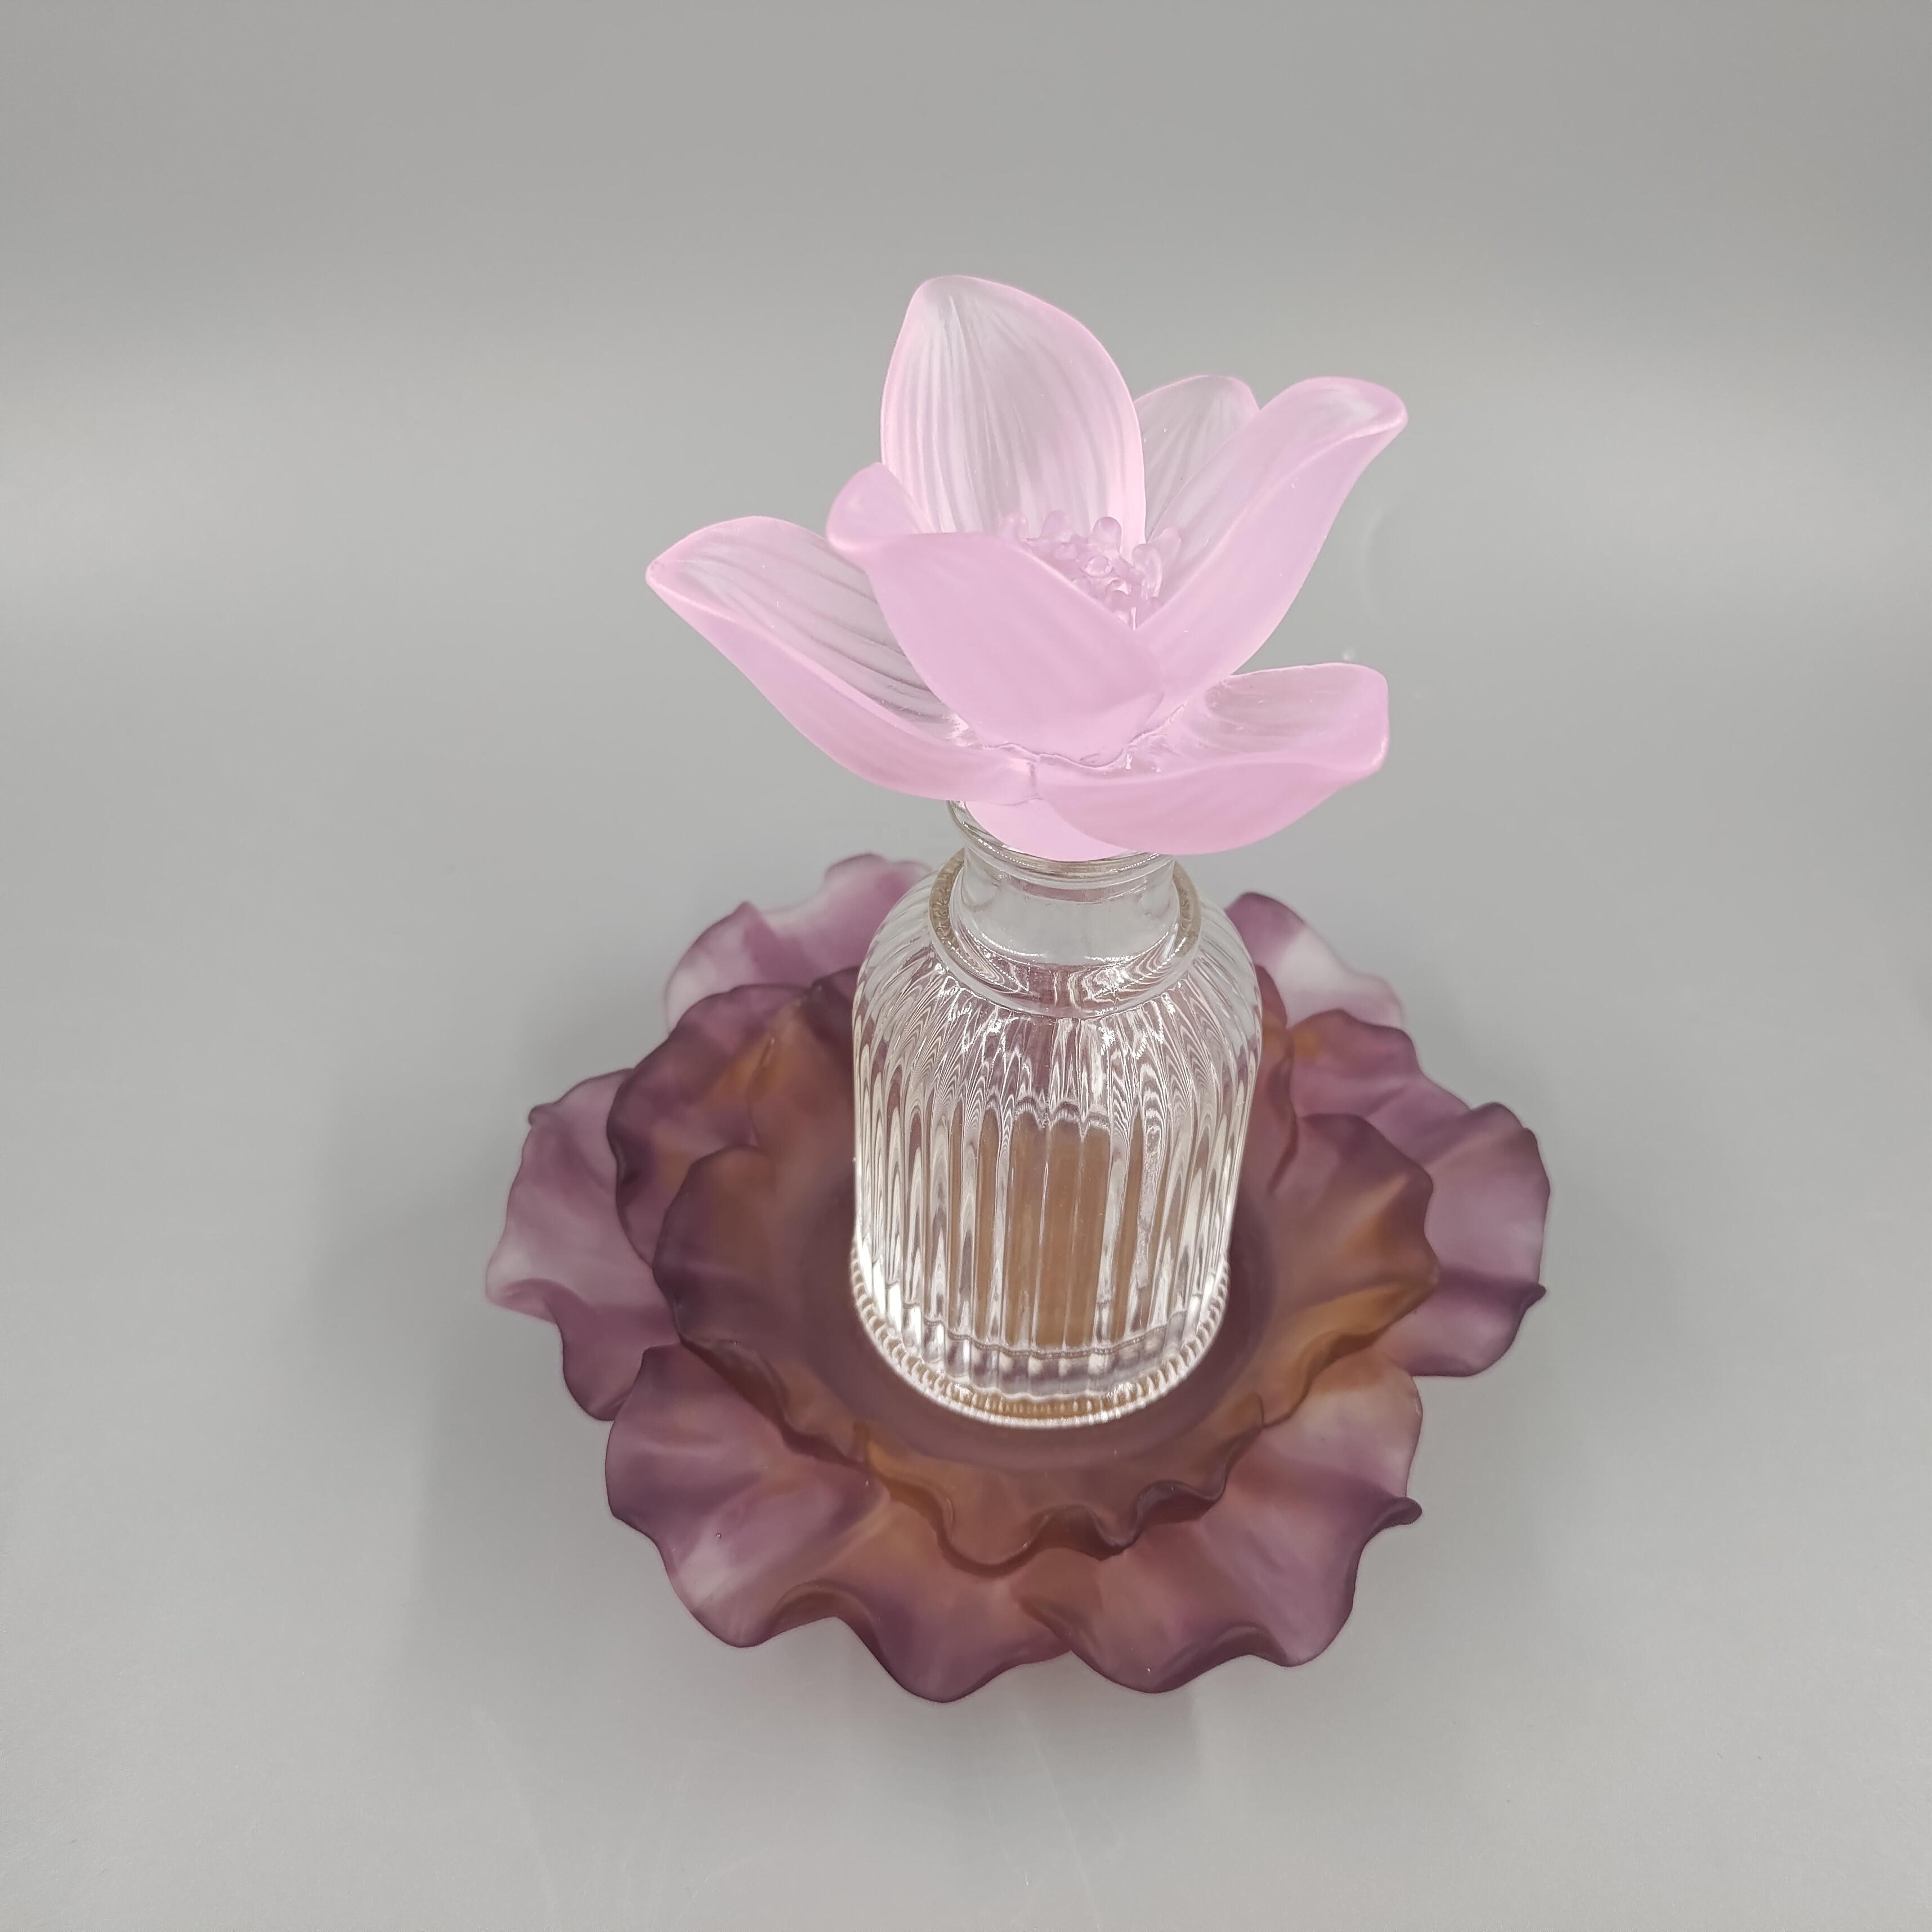 2021 г., европейский стиль, стеклянная бутылка ручной работы с цветами, стеклянная бутылка для духов liu li, подарок